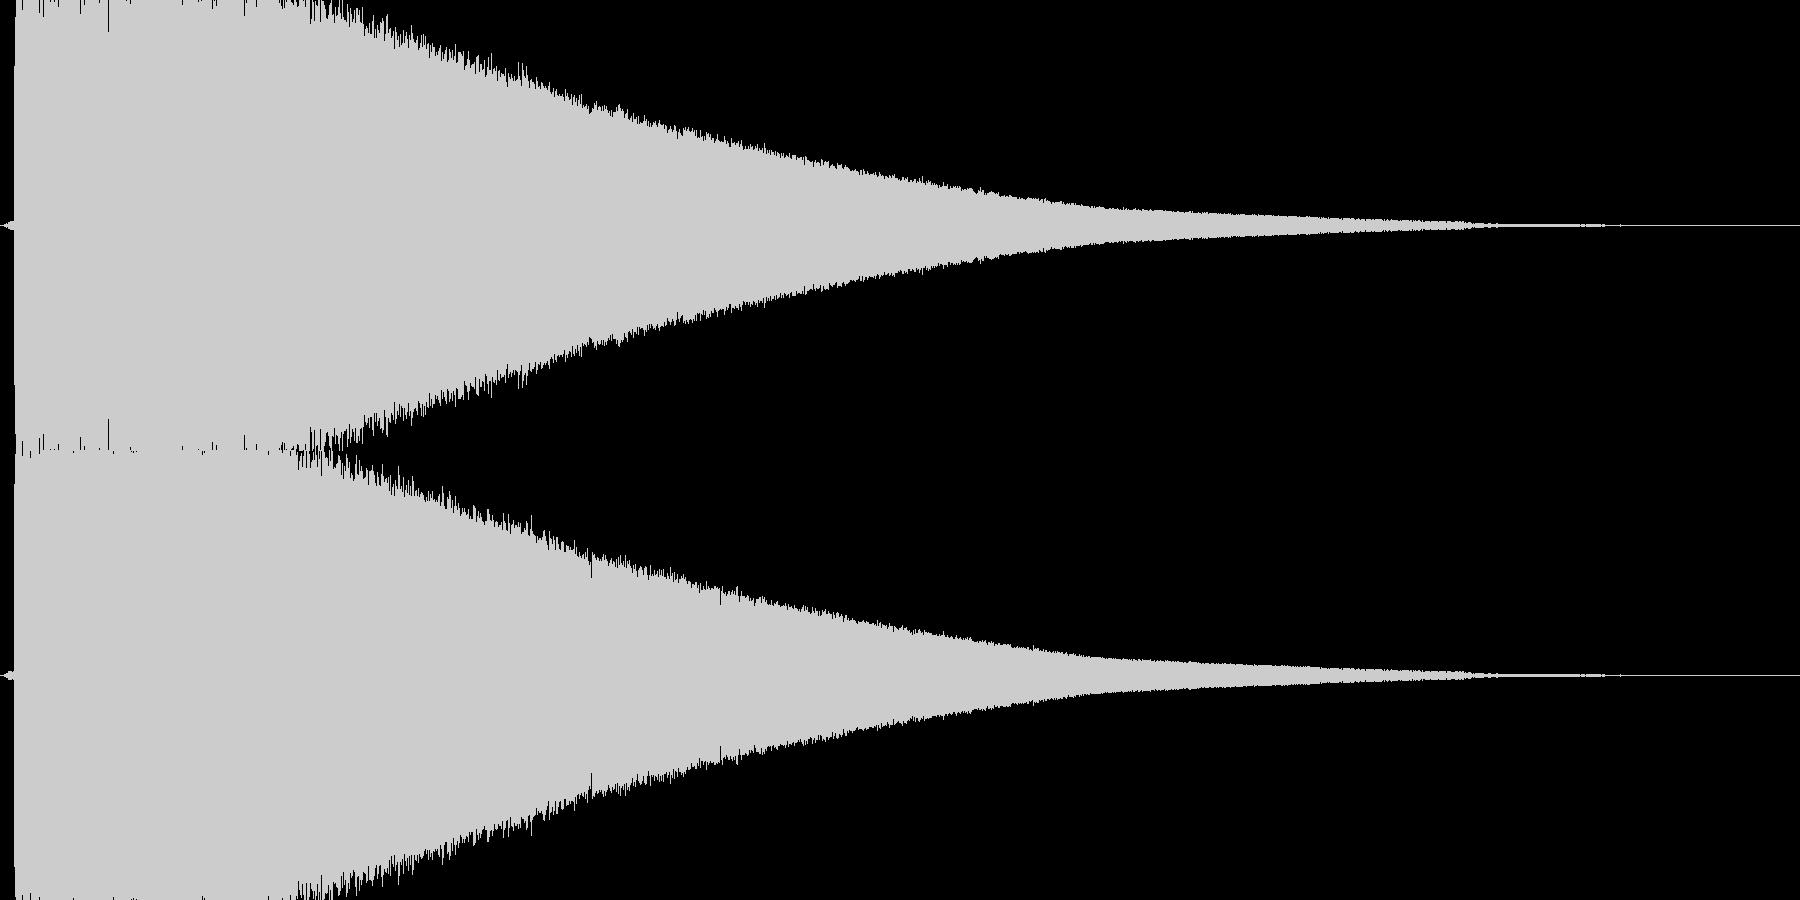 「ドシャーン」衝撃波、粉砕の未再生の波形